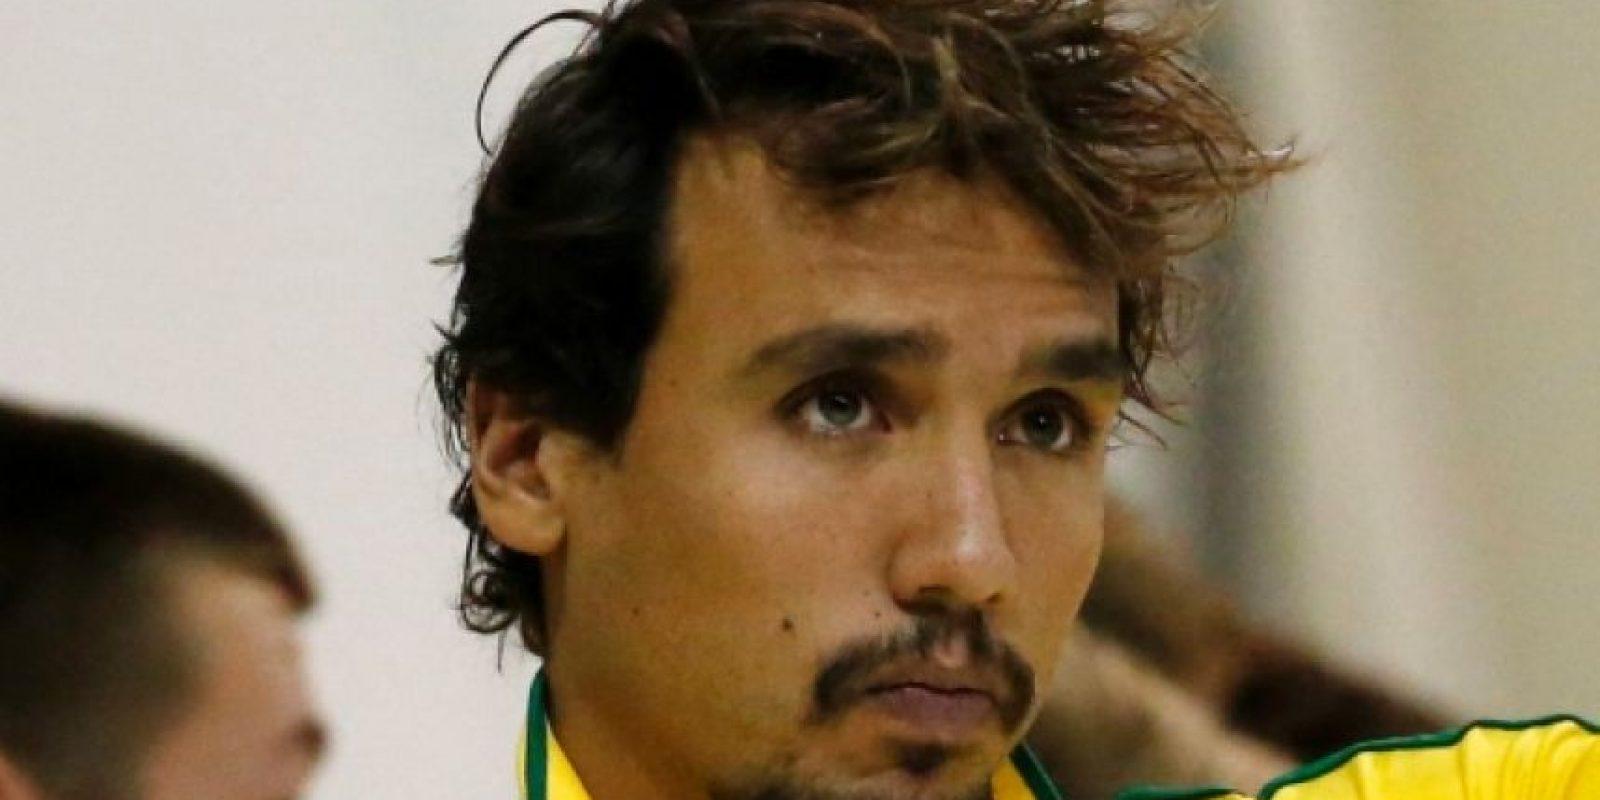 El waterpolista fue acusado por abuso sexual durante los Juegos Panamericanos Foto:Getty Images